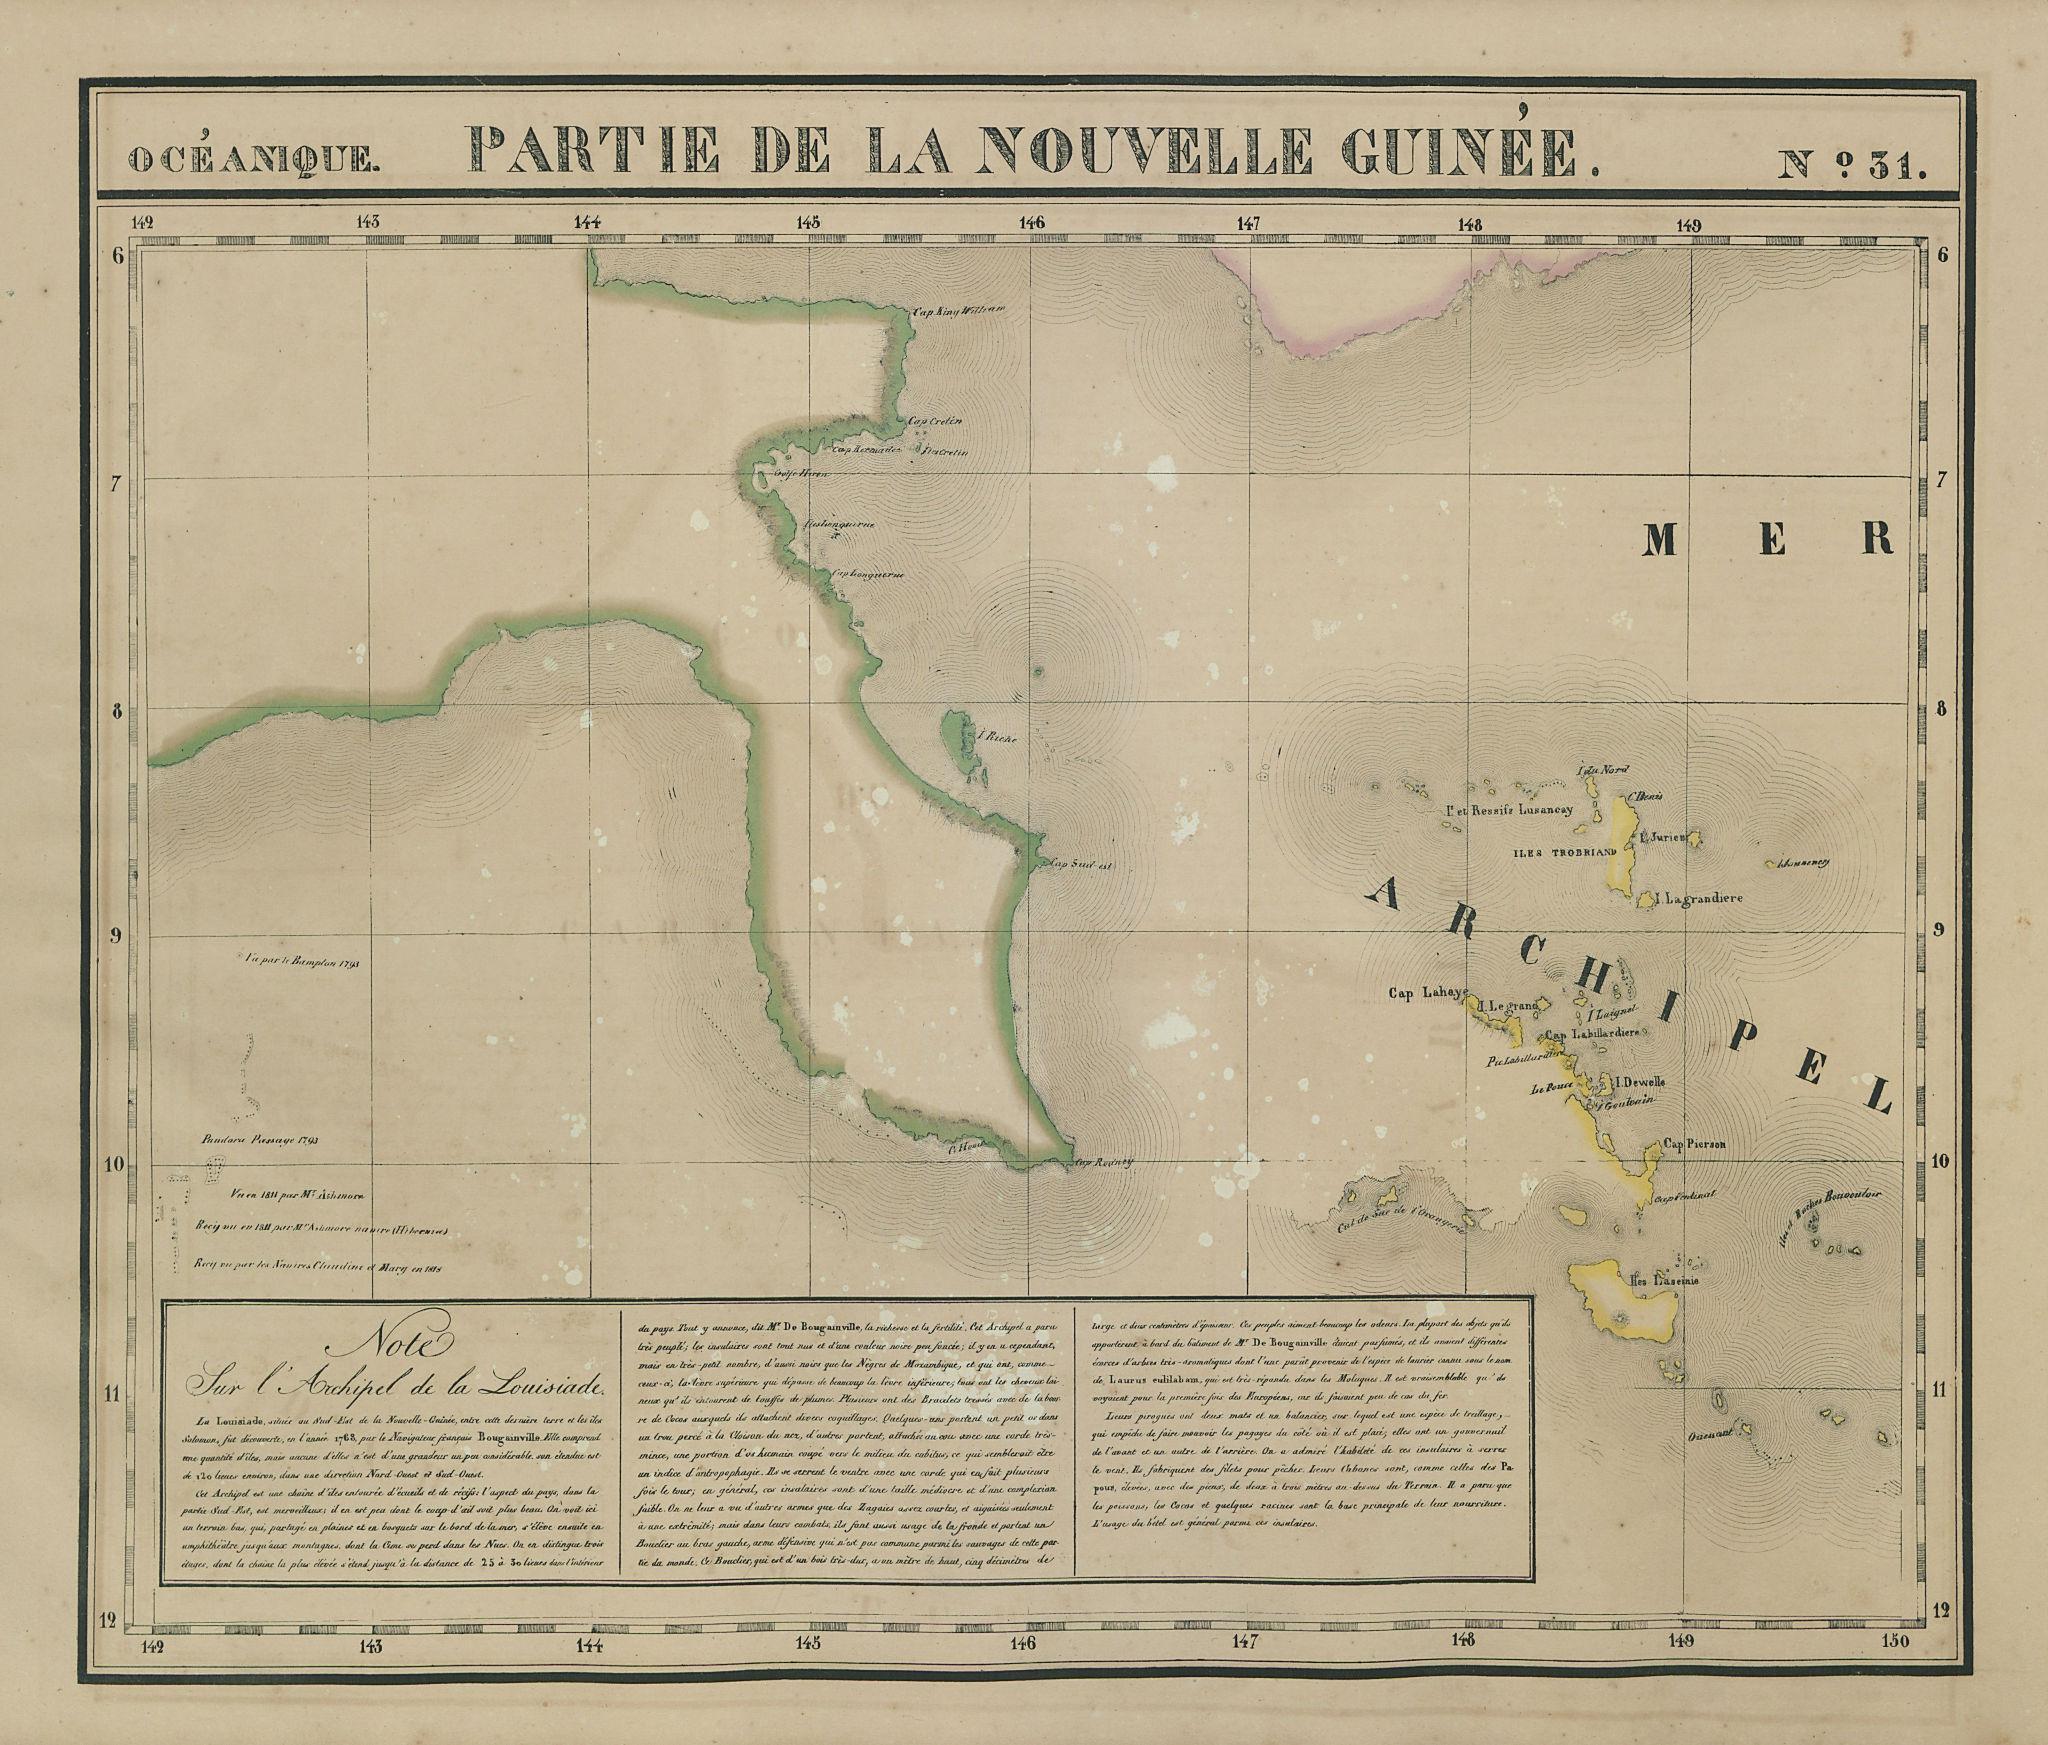 Océanique. Partie de la Nouvelle Guinée #31. New Guinea. VANDERMAELEN 1827 map